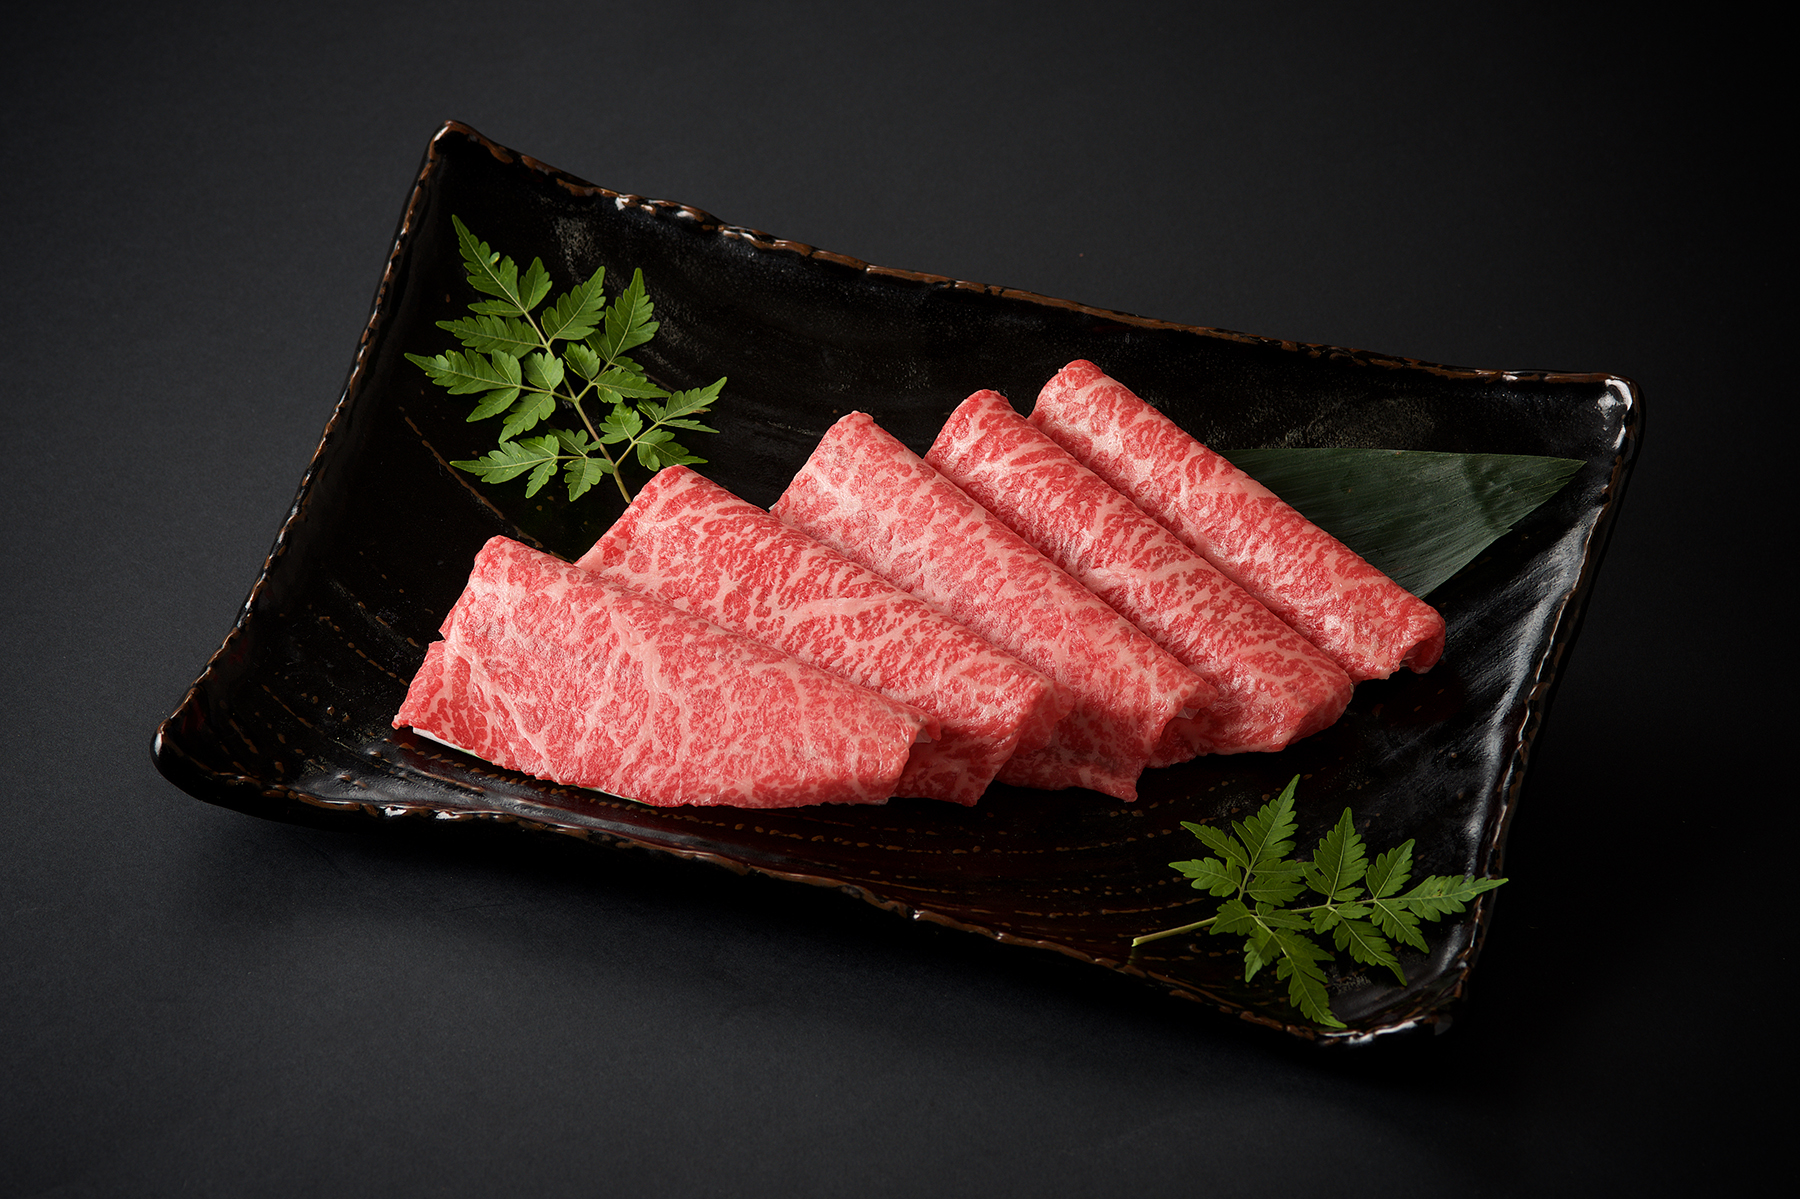 九州産黒毛和牛 モモすきやき用/100g(1500)